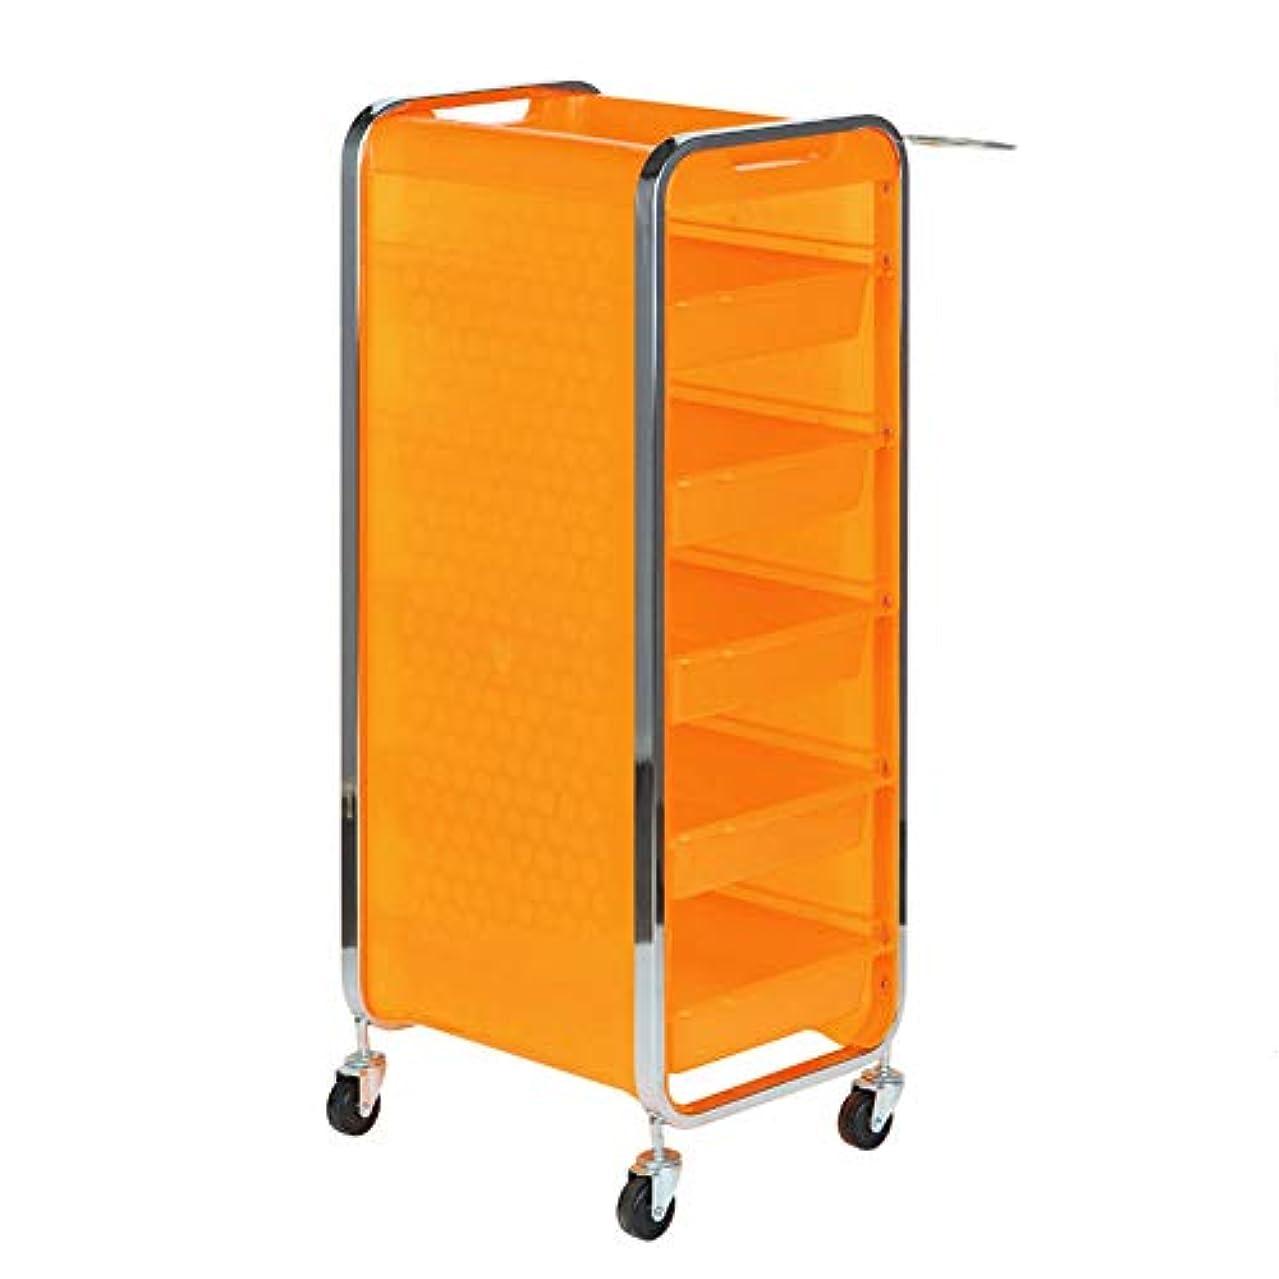 言語ガス無視するサロン美容院トロリー美容美容収納カート6層トレイ多機能引き出し虹色,Orange,A